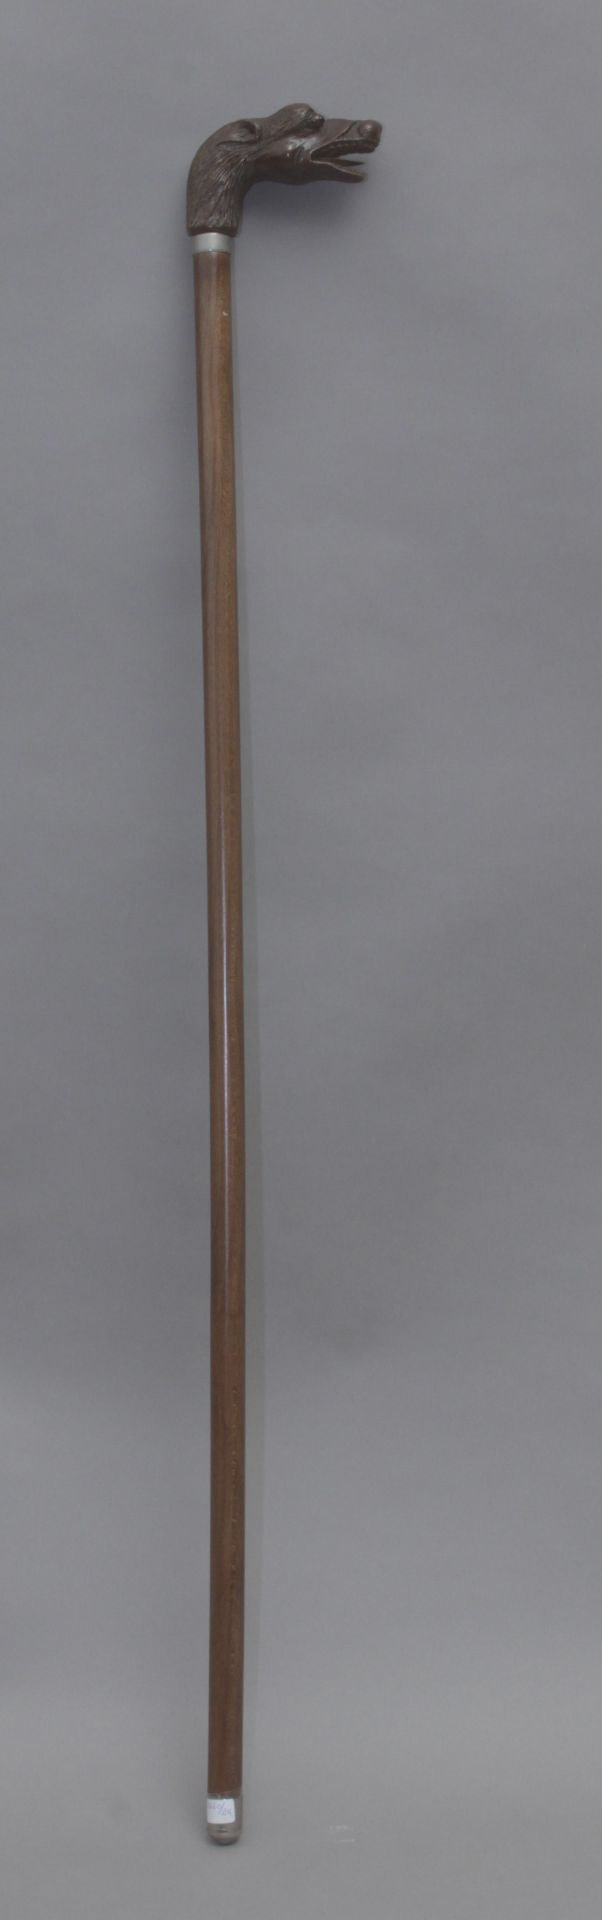 A 20th century walking stick - Bild 2 aus 5